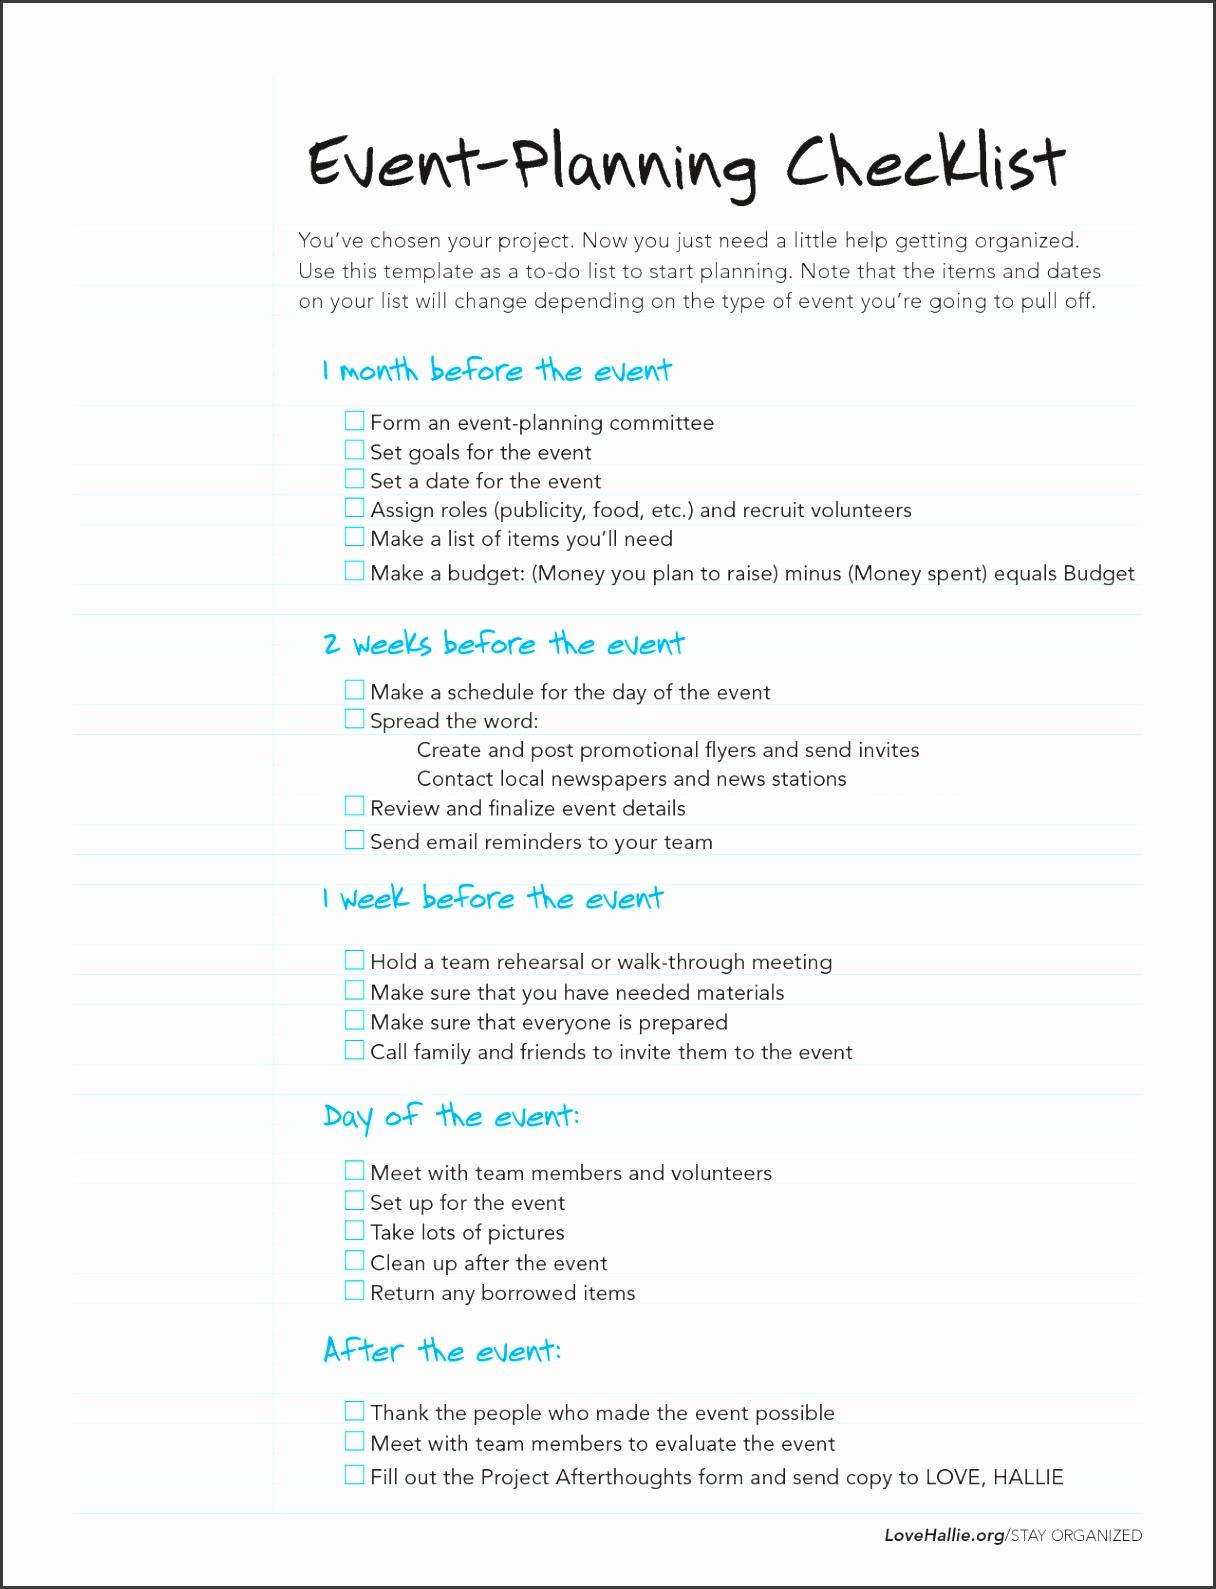 Event Planning Checklist Document Sample Event Planning Checklist